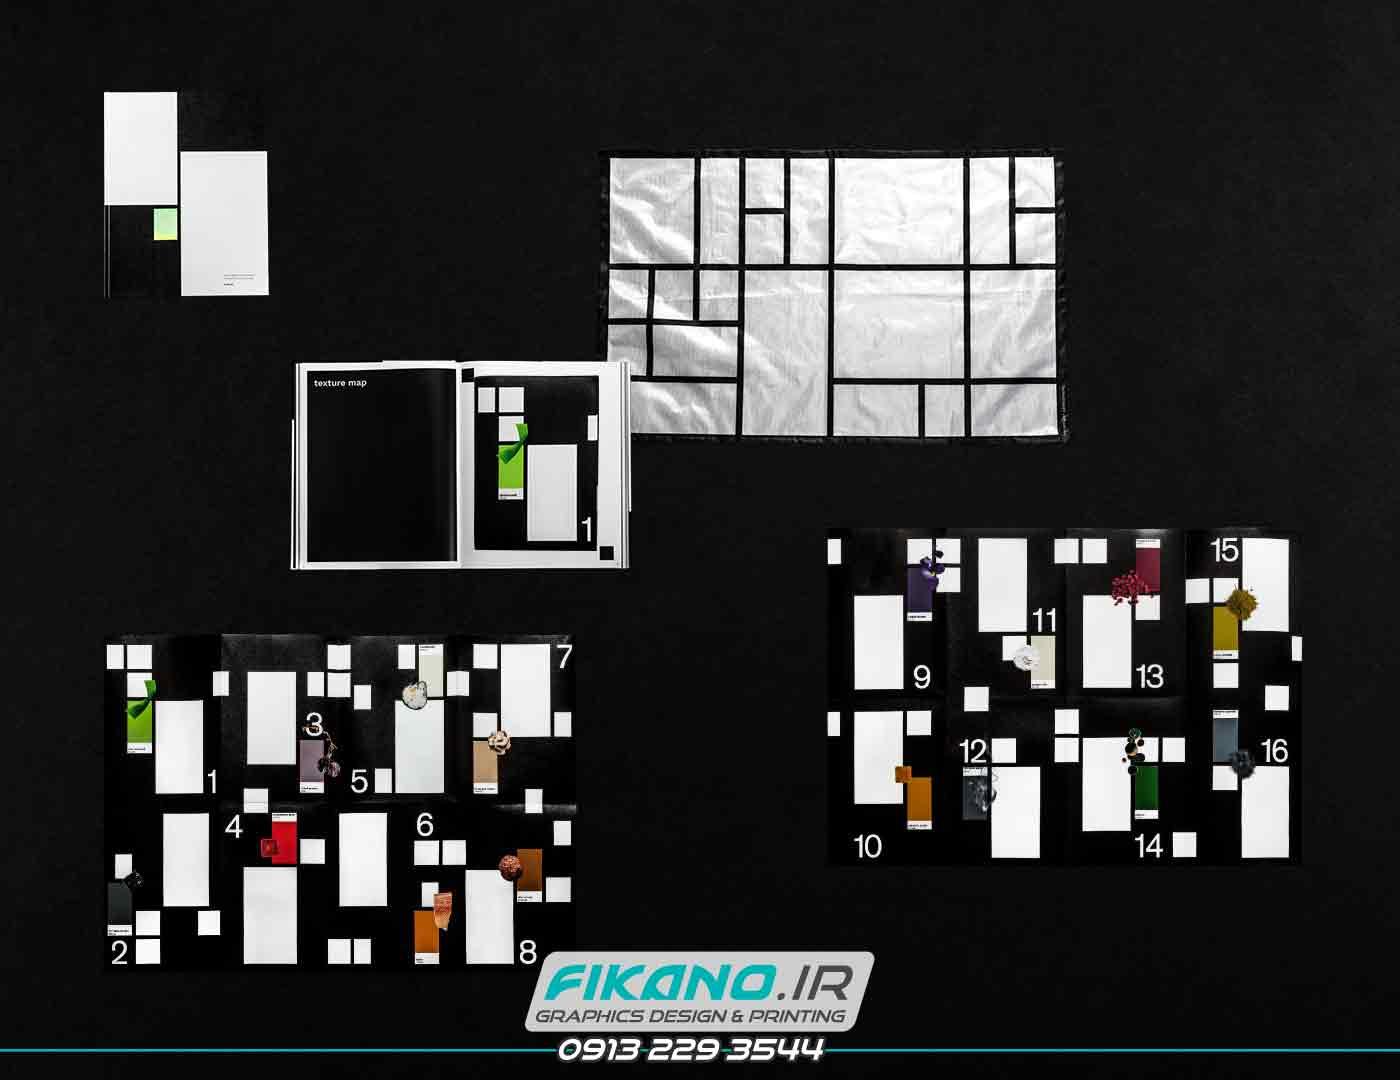 سفارش طراحی کتاب، برندینگ و طراحی هویت بصری برای صفحات کتاب و صفحه آرایی - وب سایت فیکانو www.fikano.ir